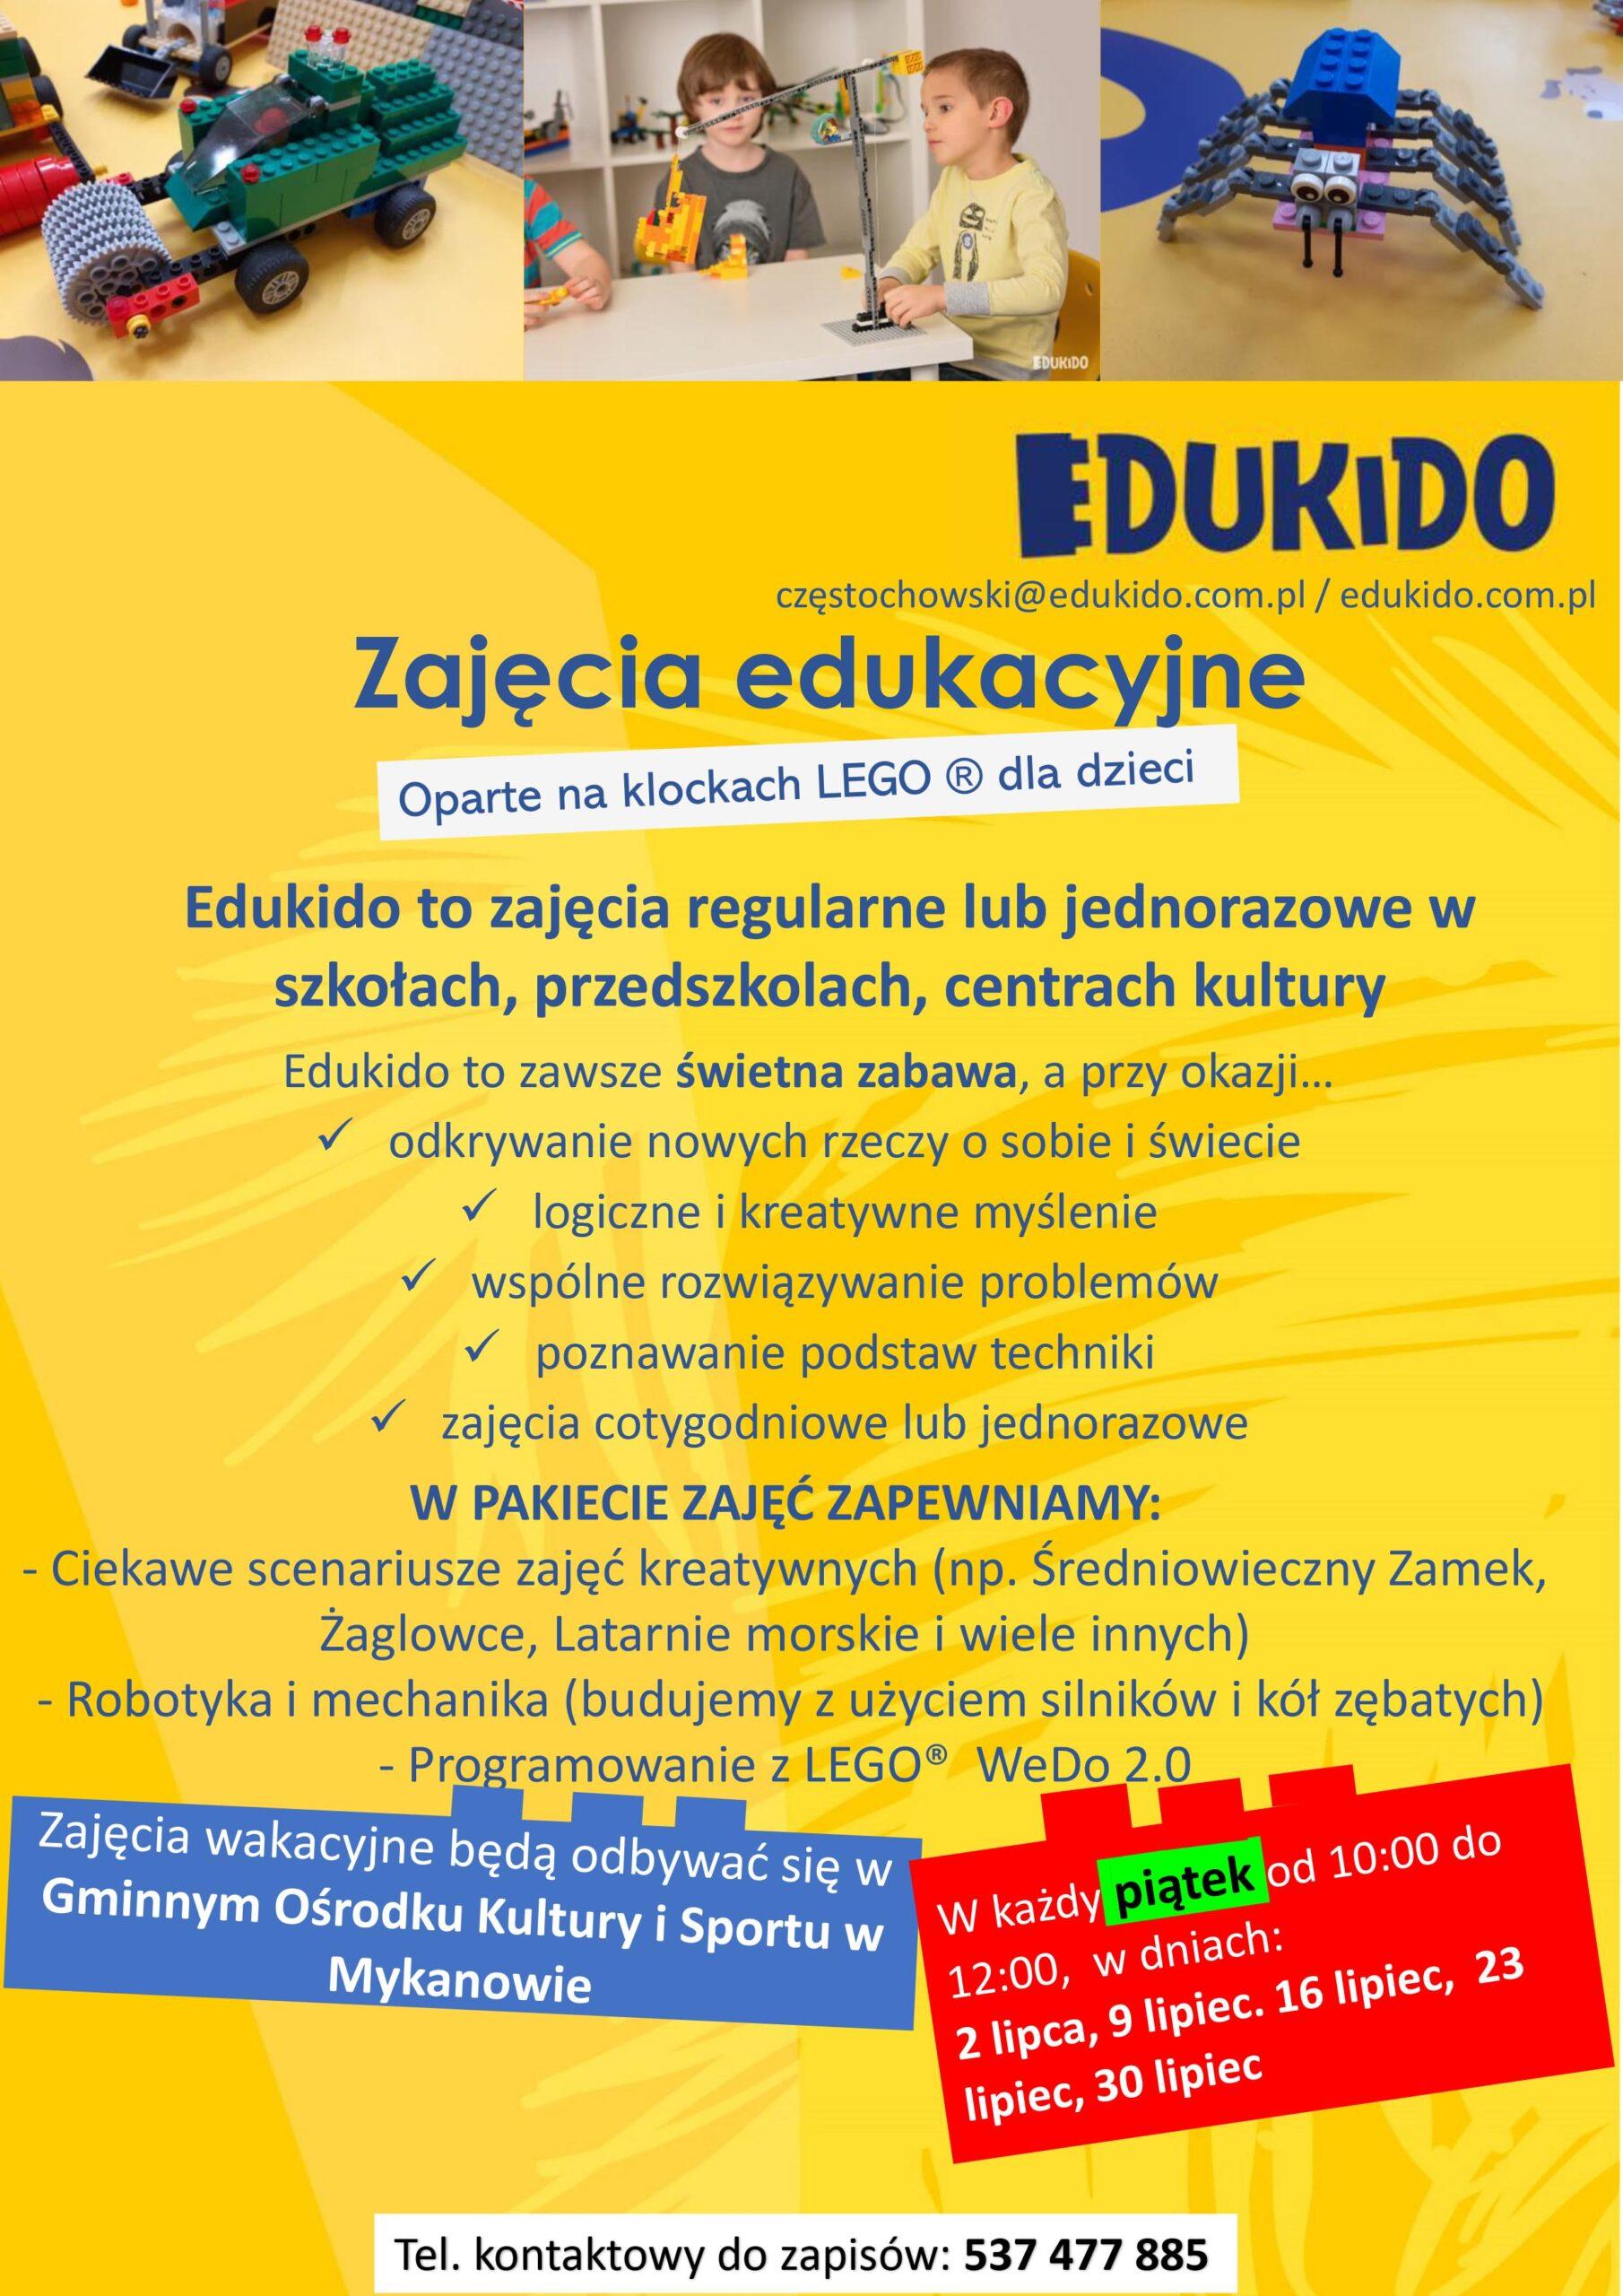 EDUKIDO zaprasza na zajęcia w GOKISie :)